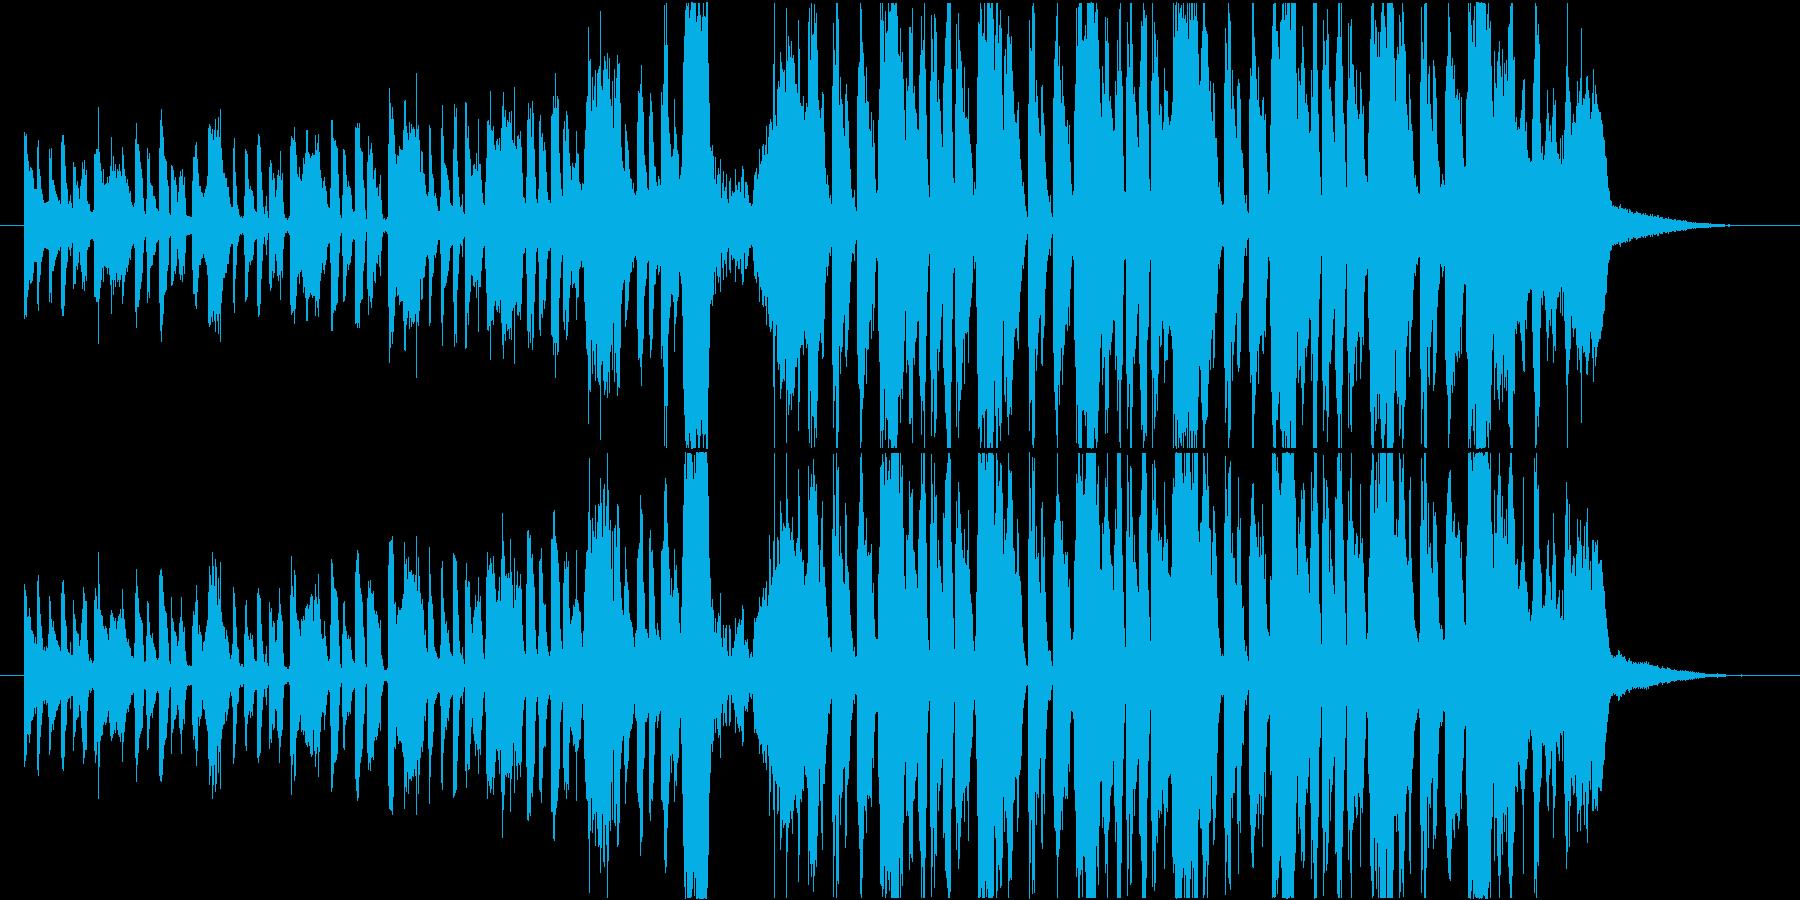 ゴーストダンス!レトロなジャズEDMの再生済みの波形